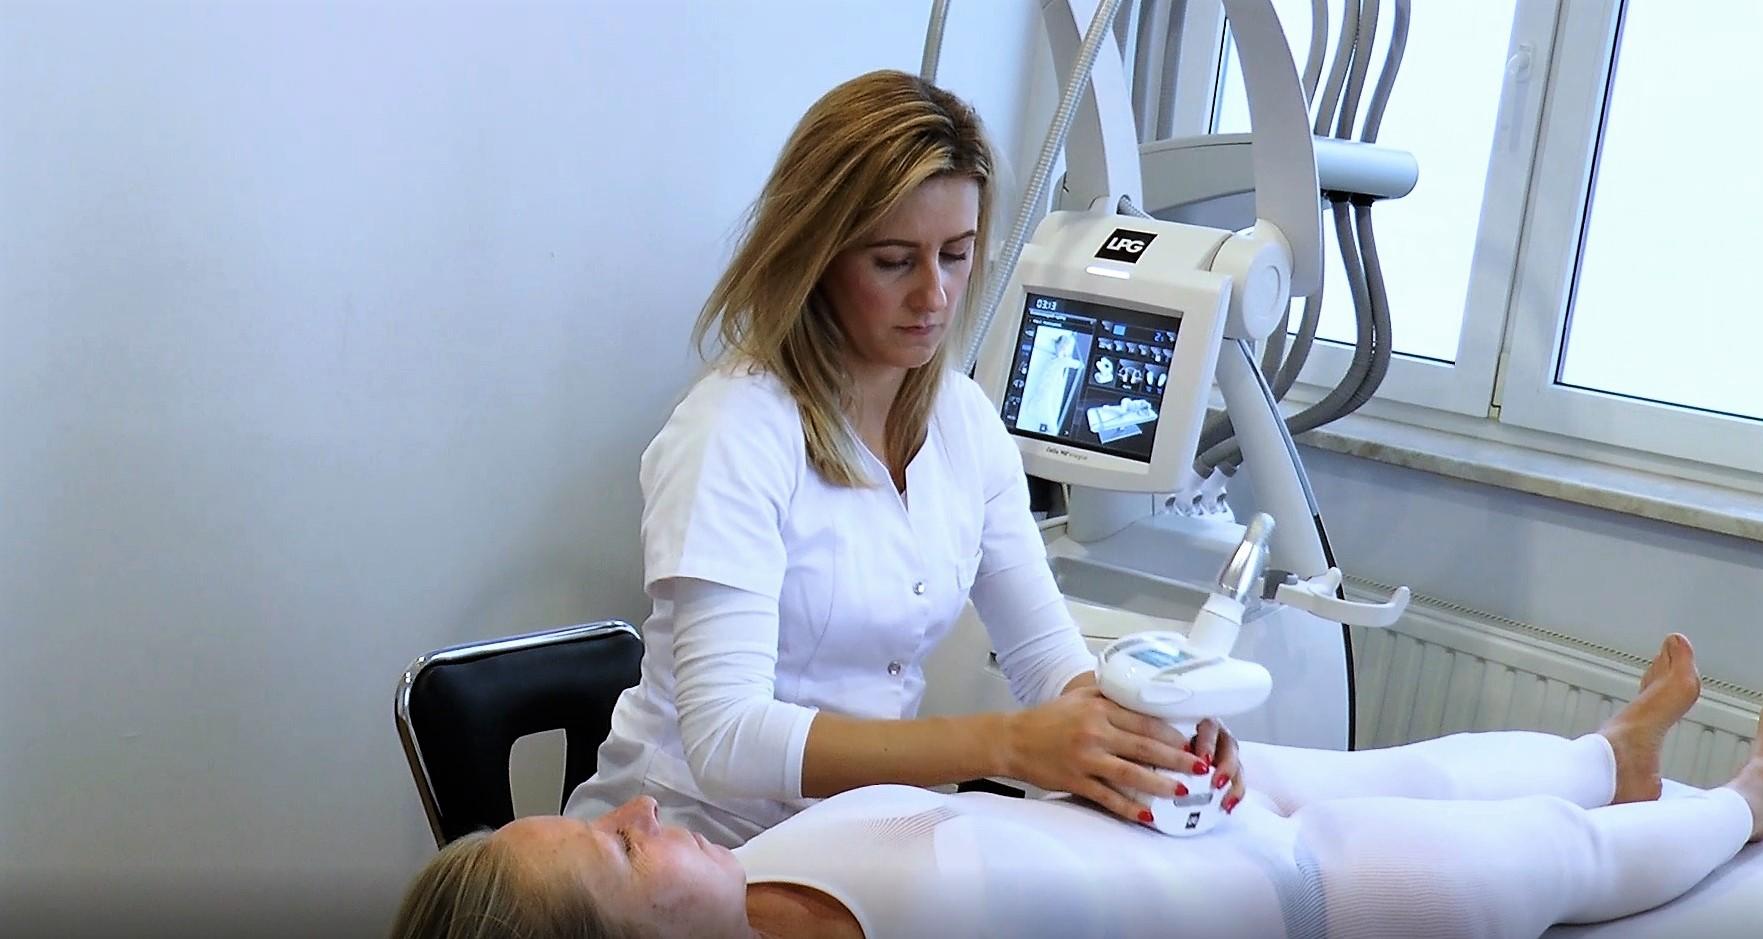 Dr. Kubik 2 - Centrum Medyczne Dr Kubik – najnowocześniejsze technologie i stały rozwój usług medycznych